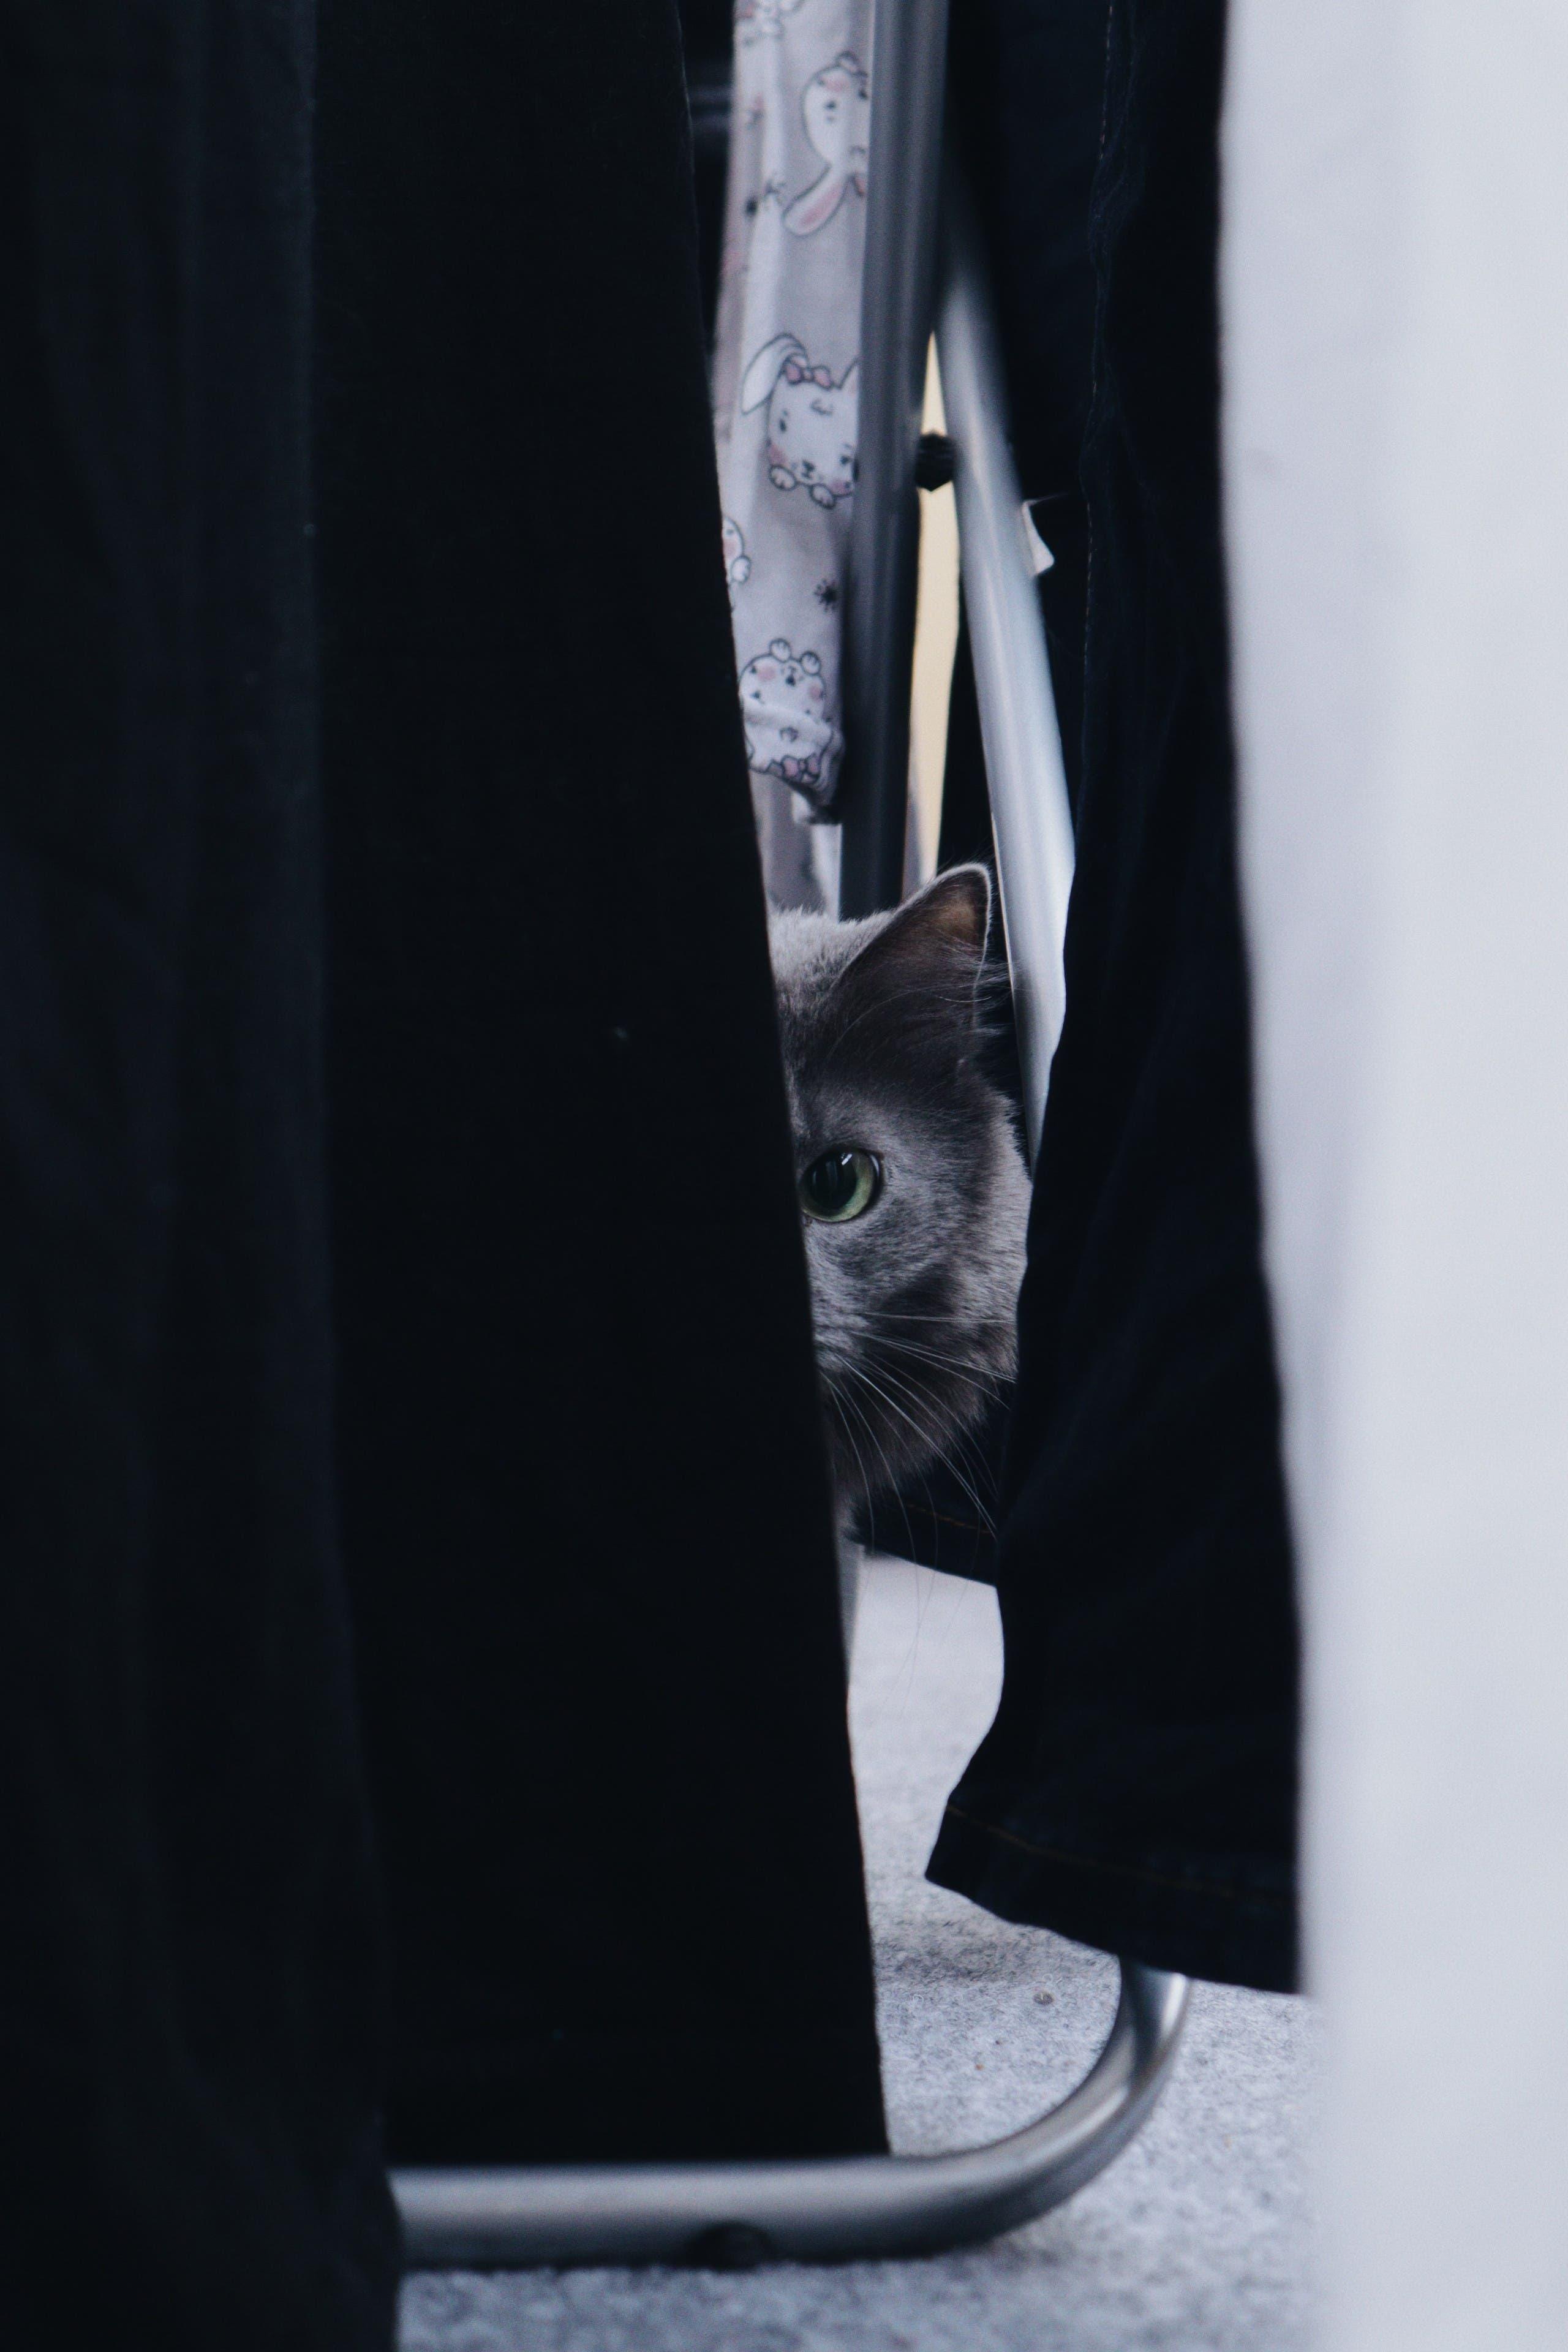 Cat hides behind a curtain. (Unsplash, Roman Skrypnyk)